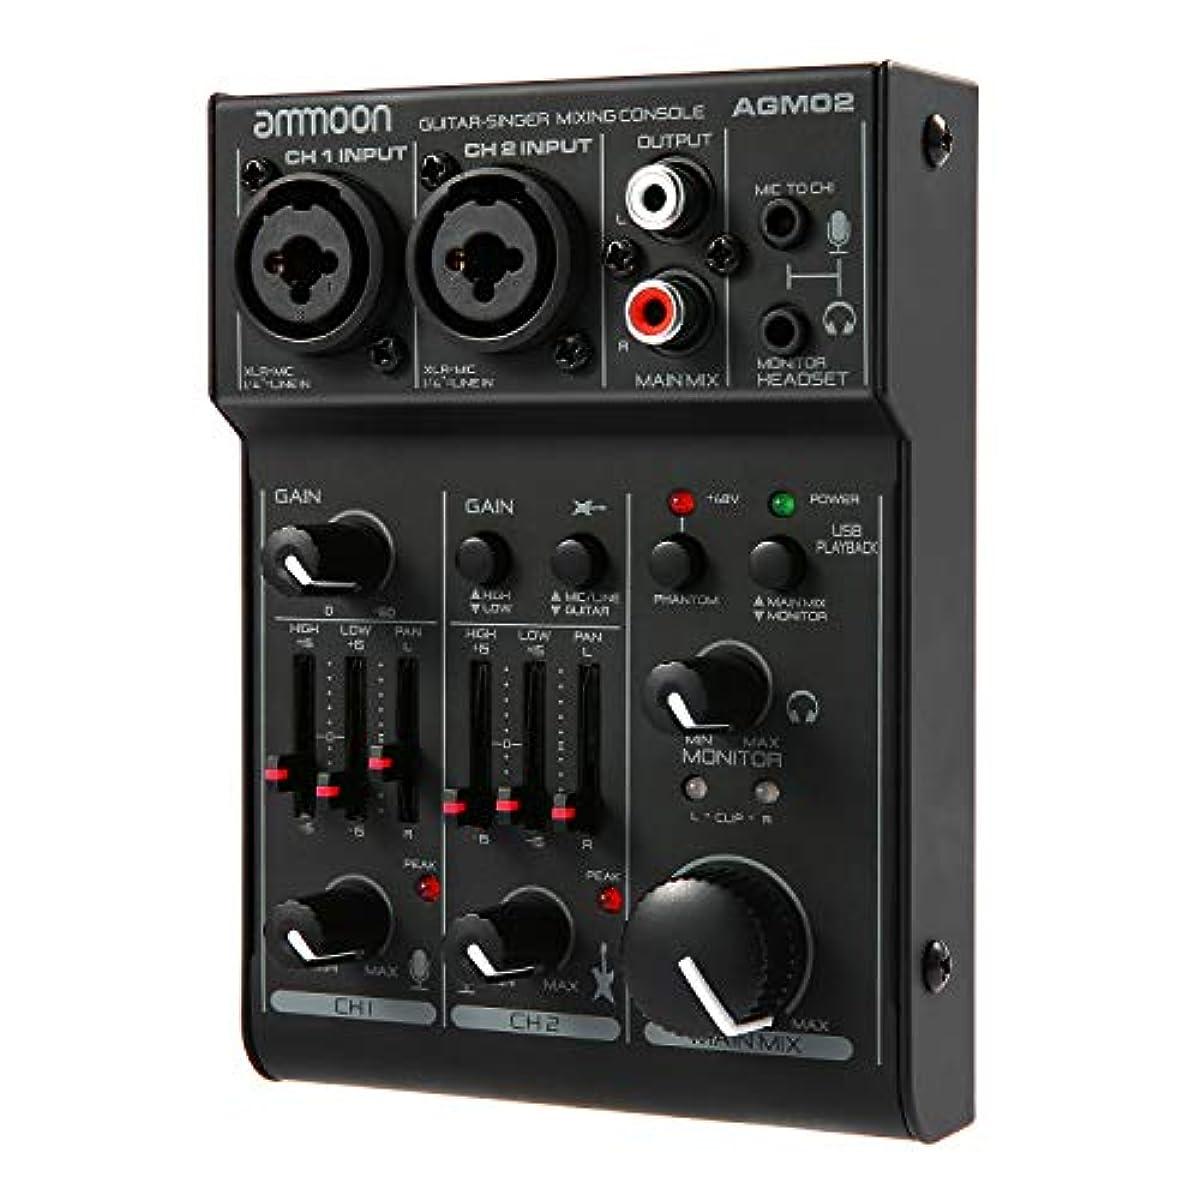 [해외] AMMOON 믹싱 콘솔 2채널 사운드 카드 미니 디지탈 오디오 믹서 2밴드EQ내장 48V팬다무전원5V USB전원 홈 스튜디오 녹음 DJ네트워크 라이브 방송 컬러오케 AGM02